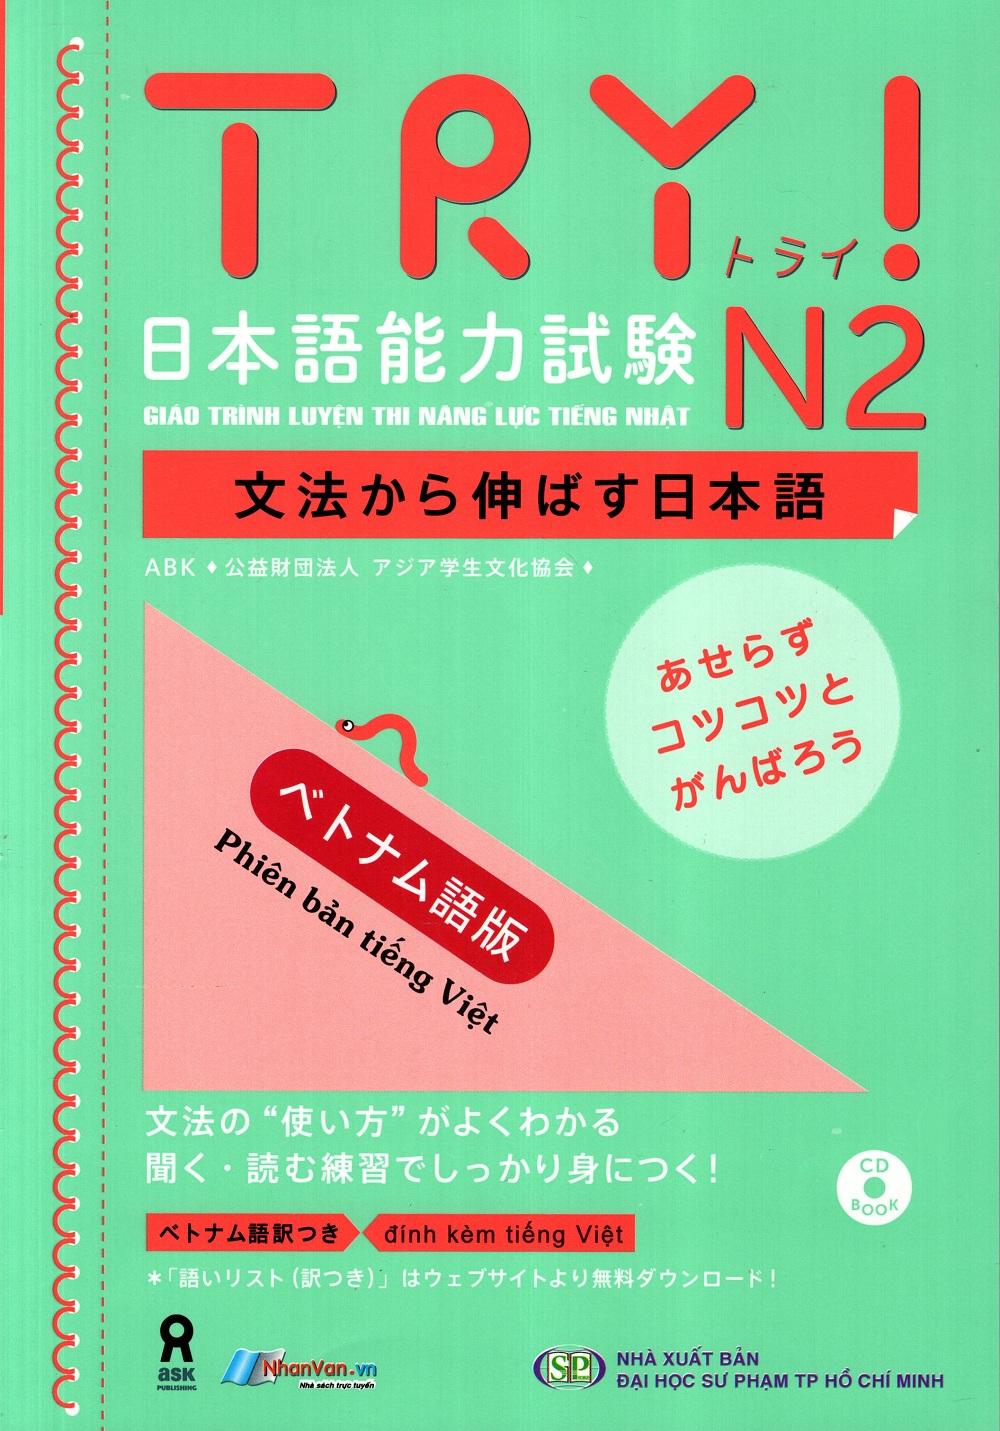 Giáo Trình Luyện Thi Năng Lực Tiếng Nhật Try! - N2 (Kèm 1 CD) - 2397731182227,62_970134,95000,tiki.vn,Giao-Trinh-Luyen-Thi-Nang-Luc-Tieng-Nhat-Try-N2-Kem-1-CD-62_970134,Giáo Trình Luyện Thi Năng Lực Tiếng Nhật Try! - N2 (Kèm 1 CD)